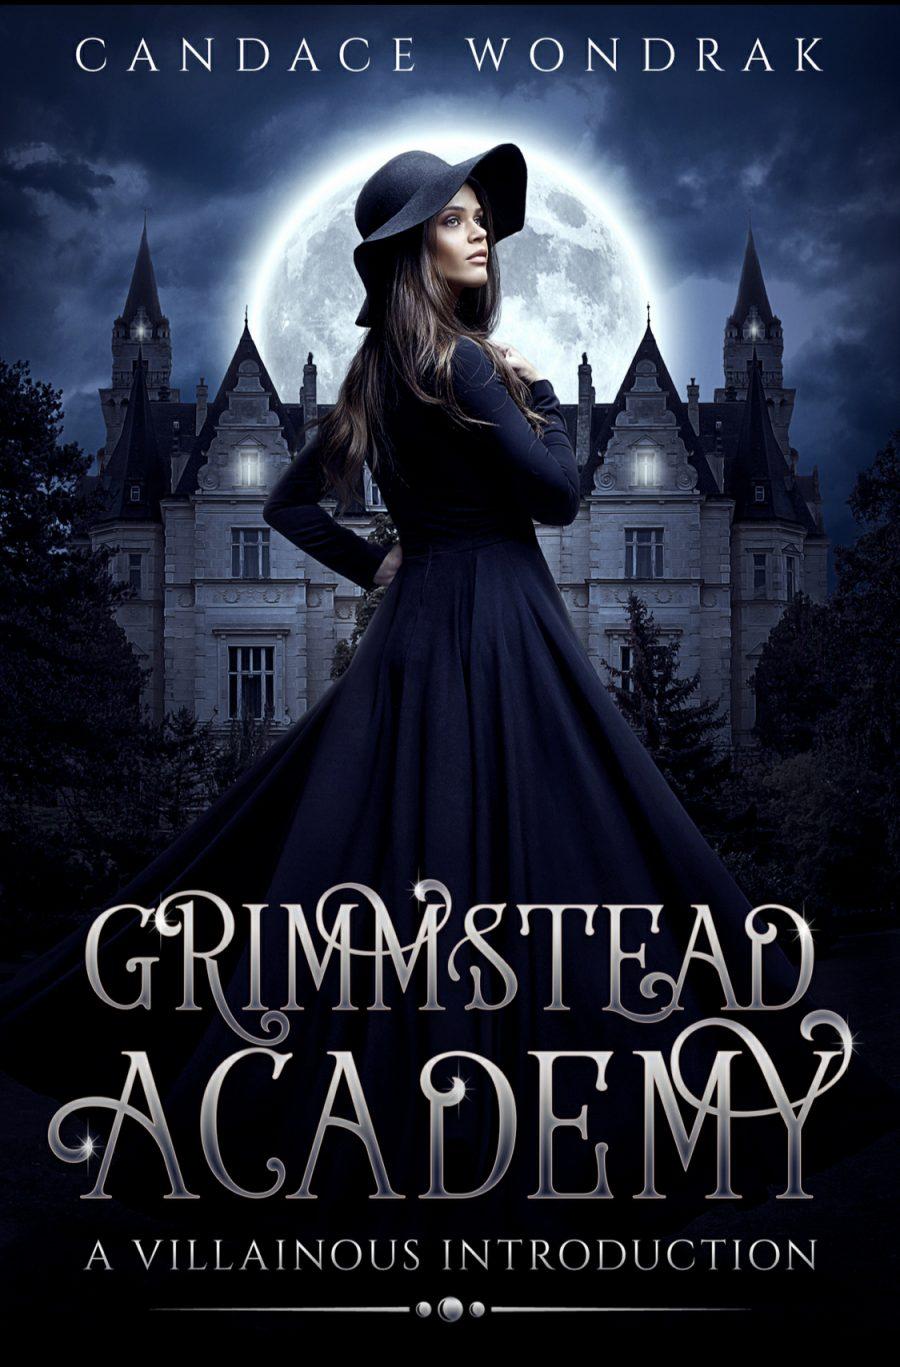 A Villainous Introduction (Grimmstead Academy - Book 1) by Candace Wondrak - A Book Review #BookReview #PNR #MediumBurn #RH #Noir #5Stars #KindleUnlimited #KU